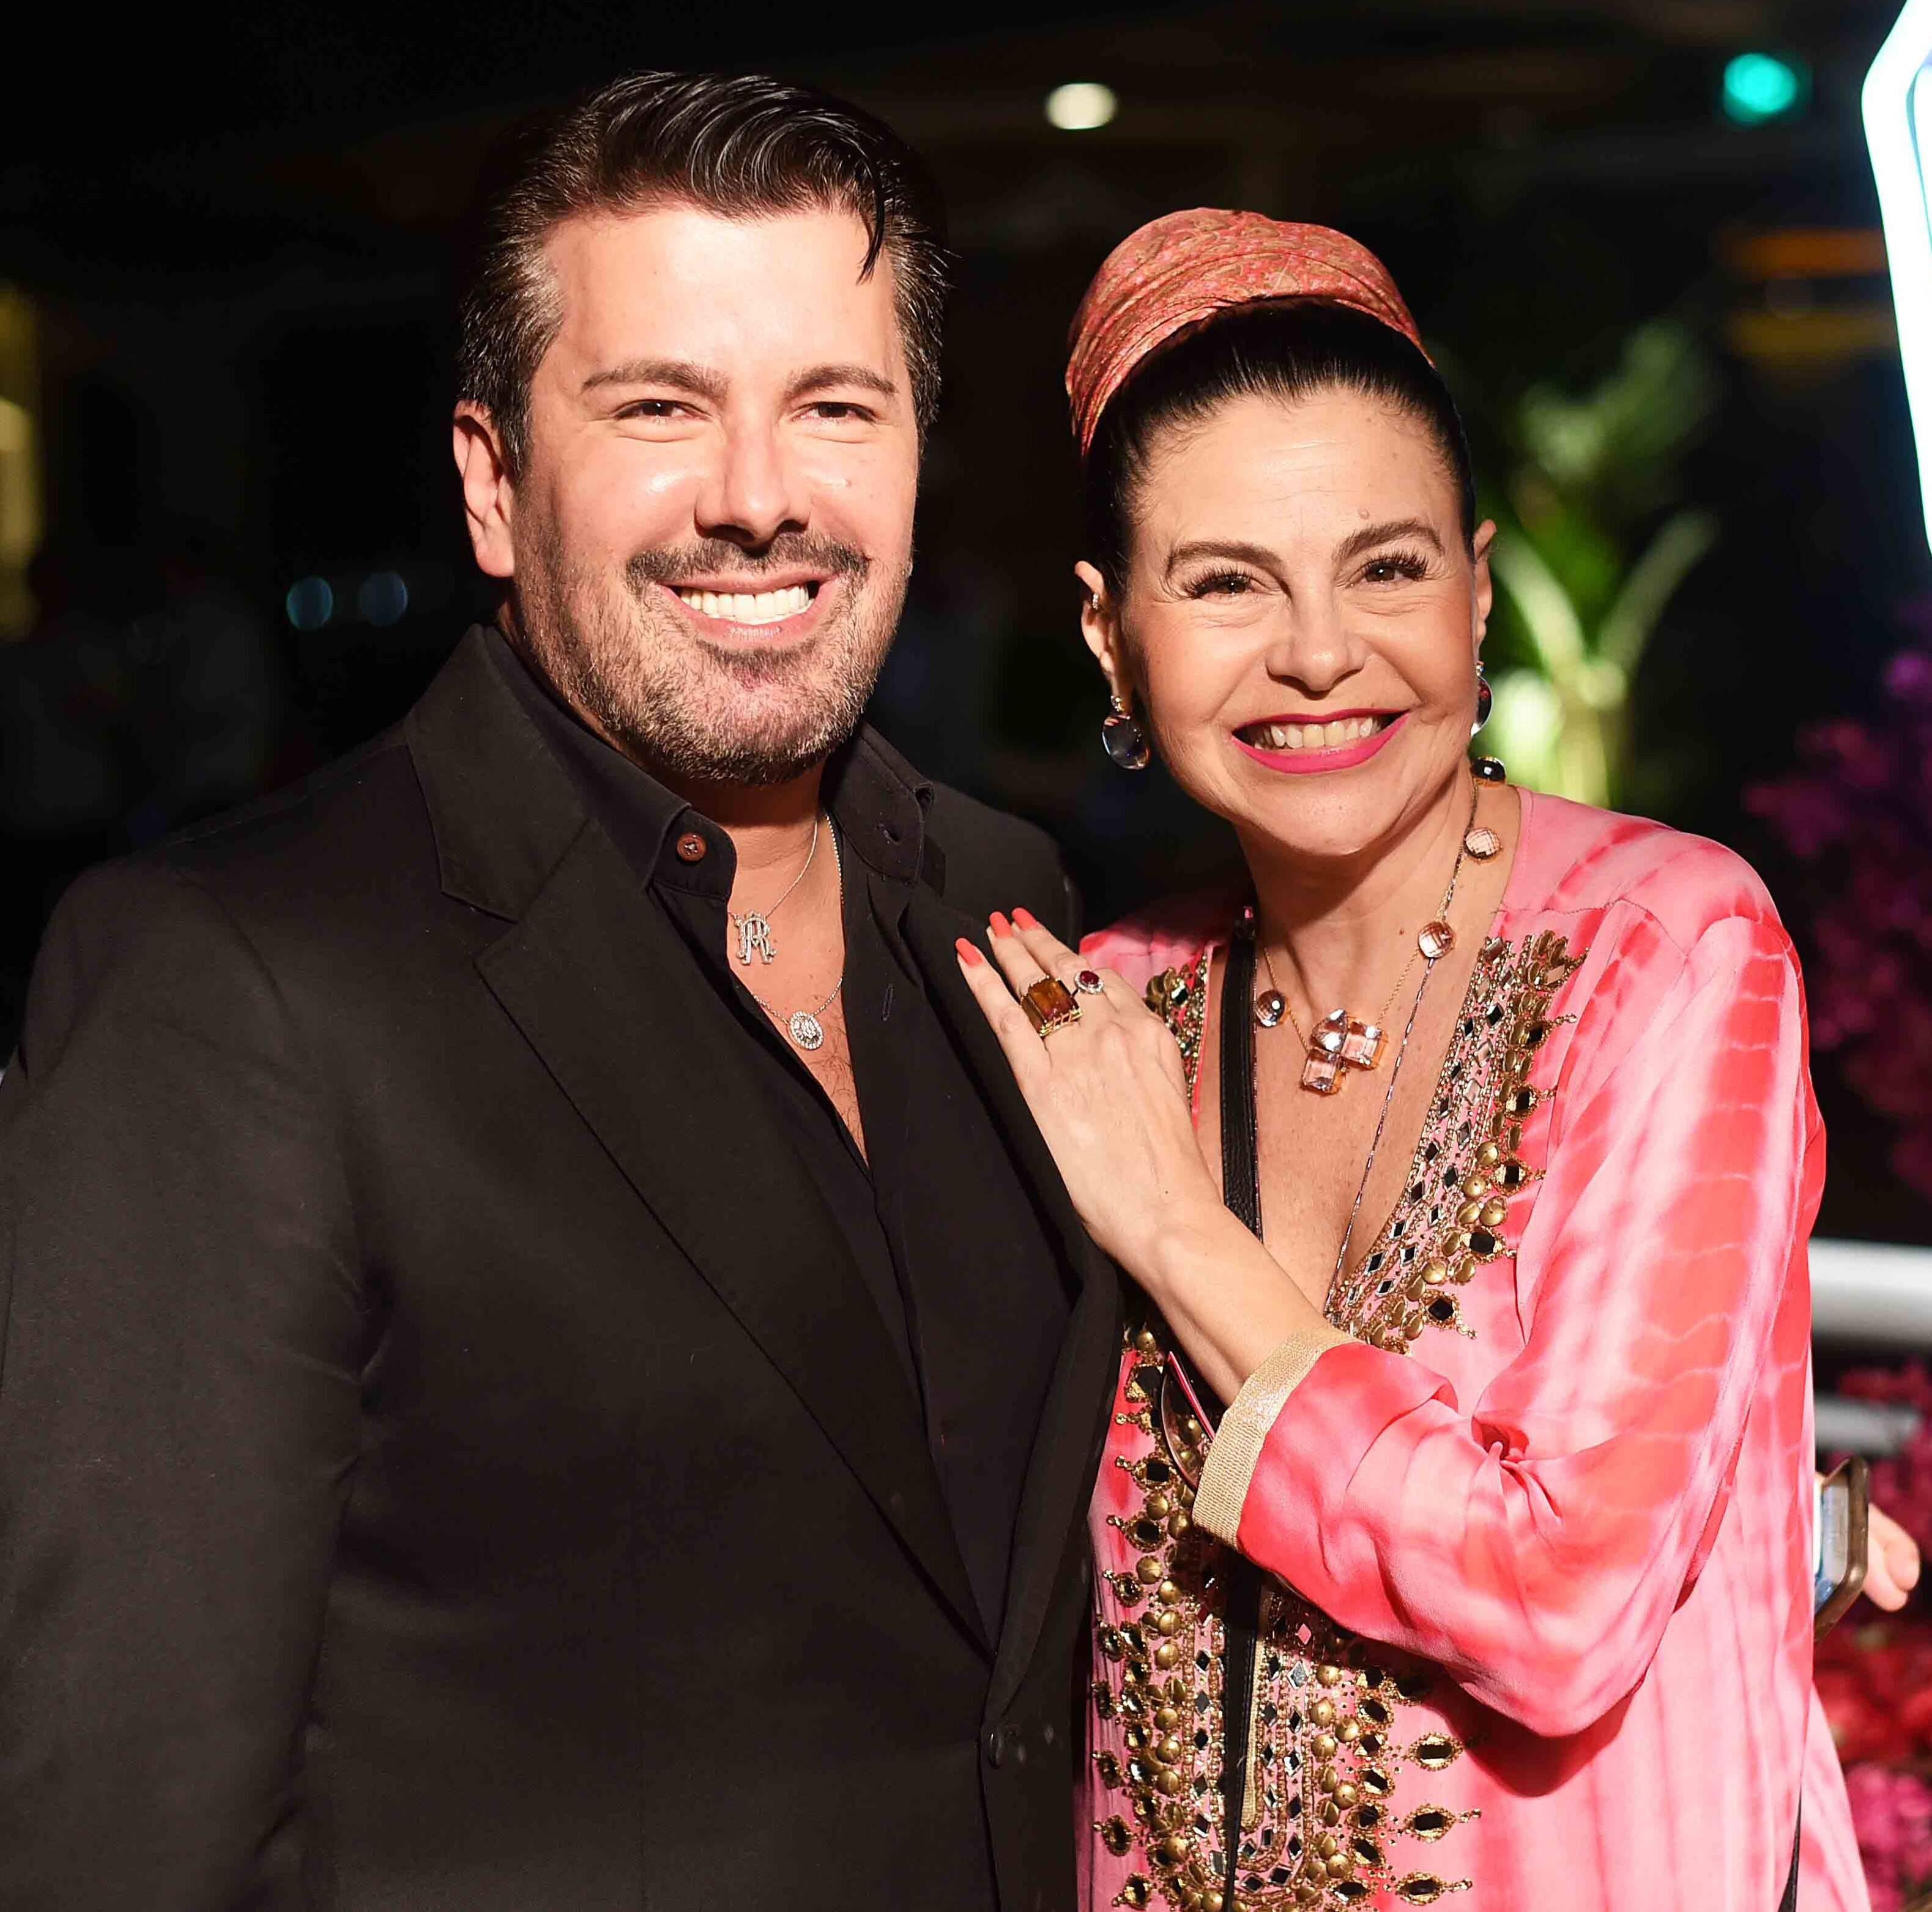 André Ramos e Iara Figueiredo /Foto: Ari Kaye